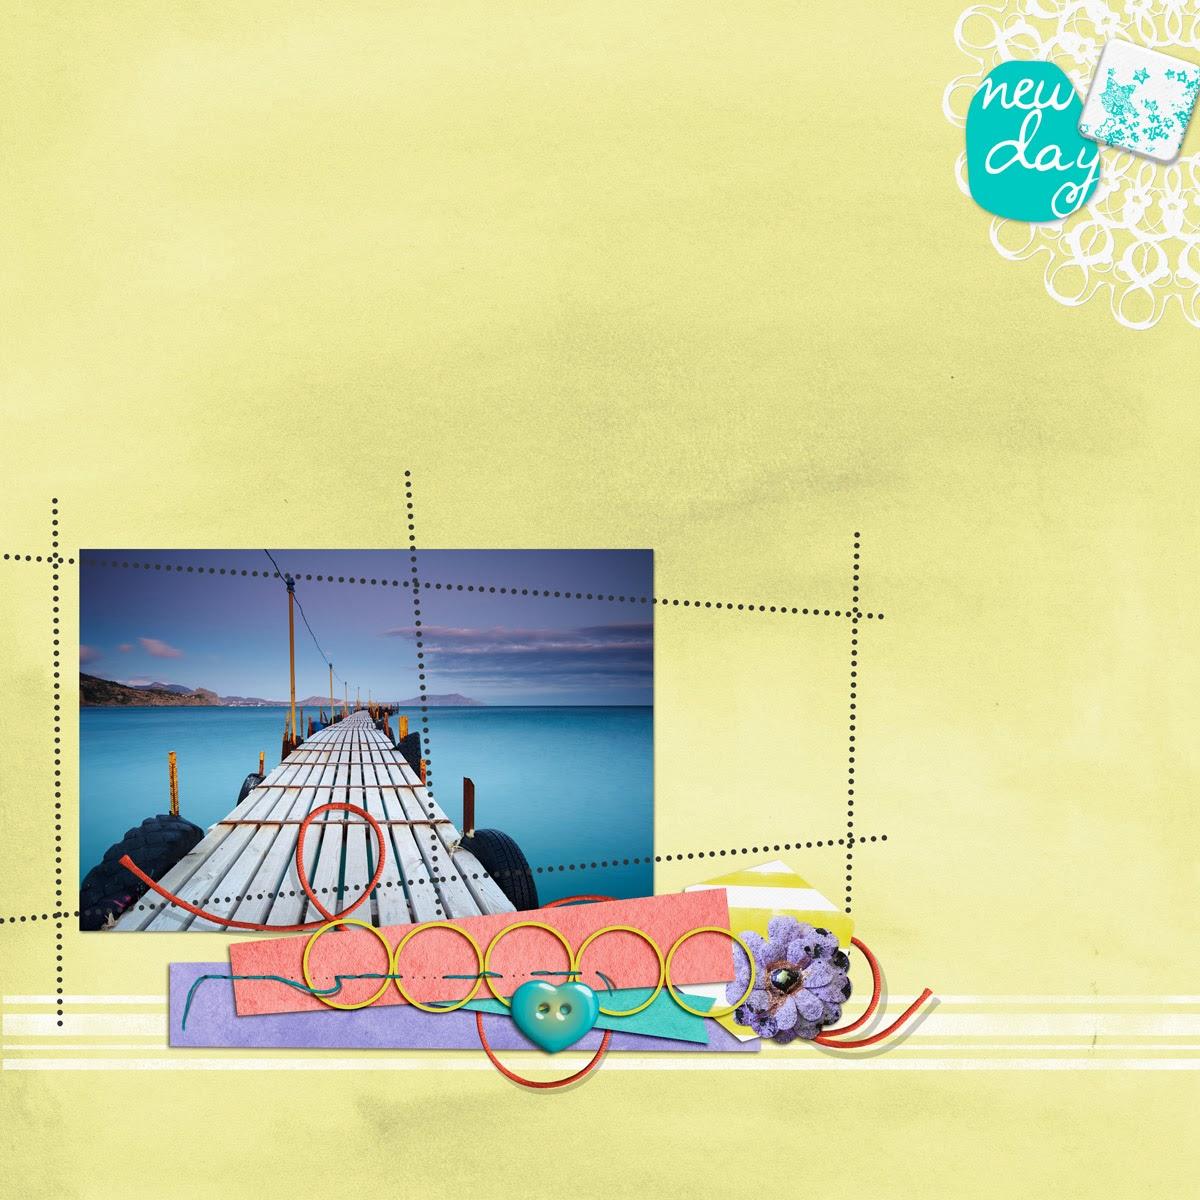 http://3.bp.blogspot.com/-EOoimwJ8gzw/UvC6mXUwMwI/AAAAAAAACTY/UmR1t_wcbTI/s1600/JoyD+7.jpg